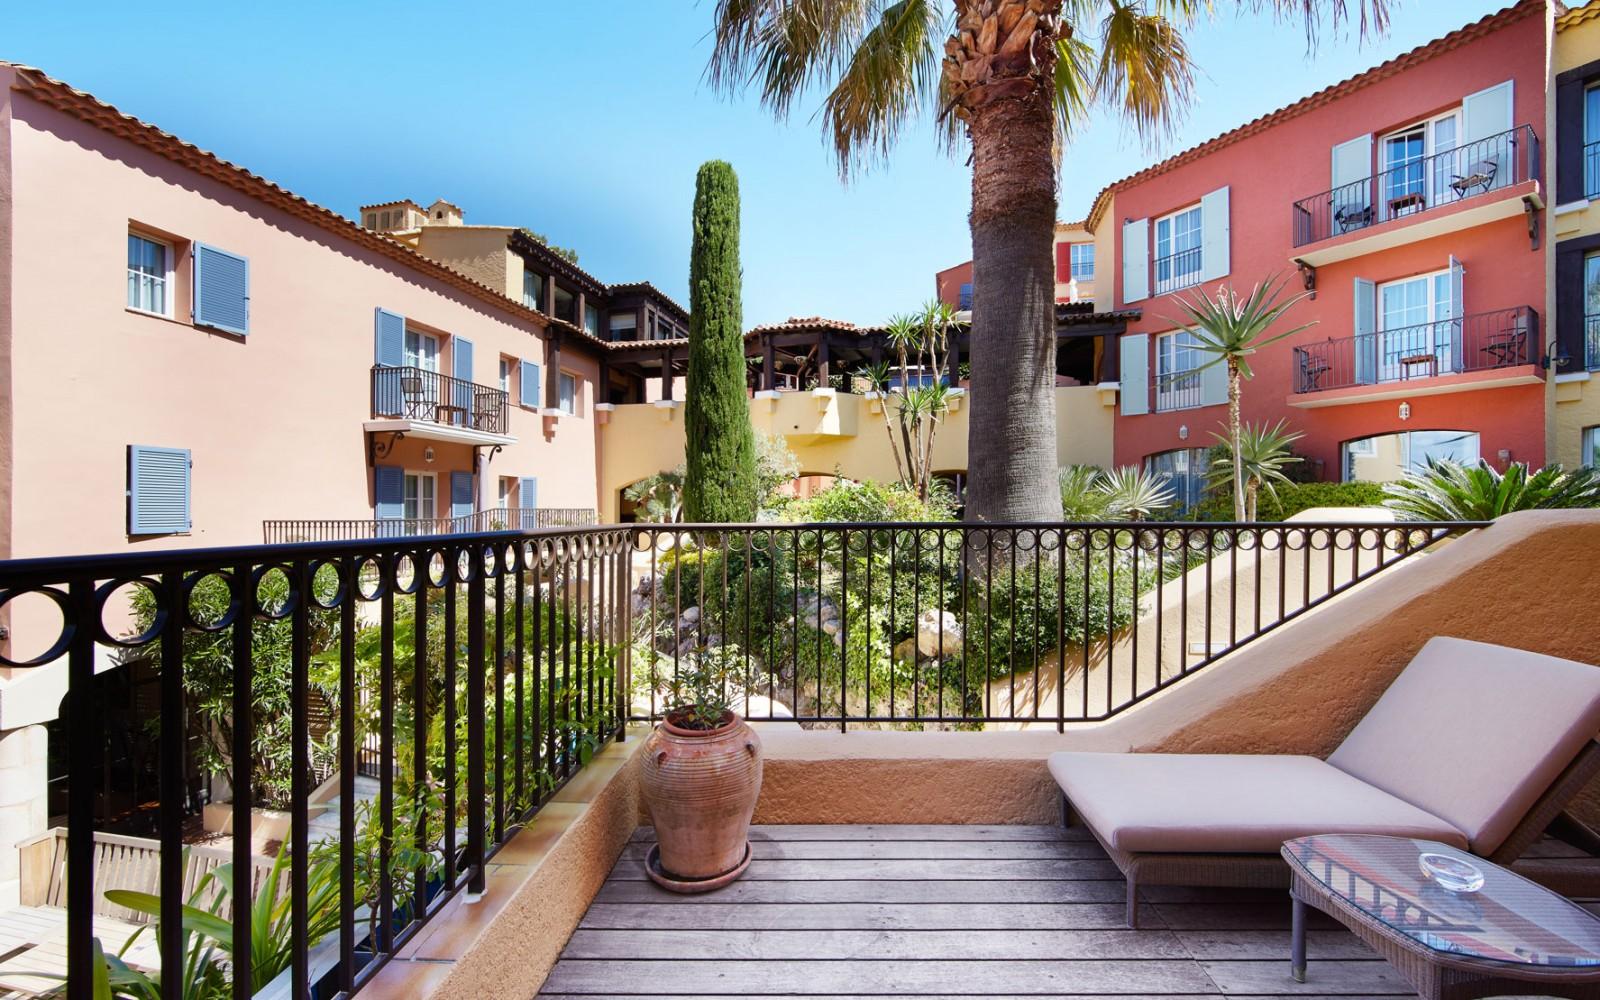 Hotel_Byblos_Saint-Tropez_Junior-Suite-137-2